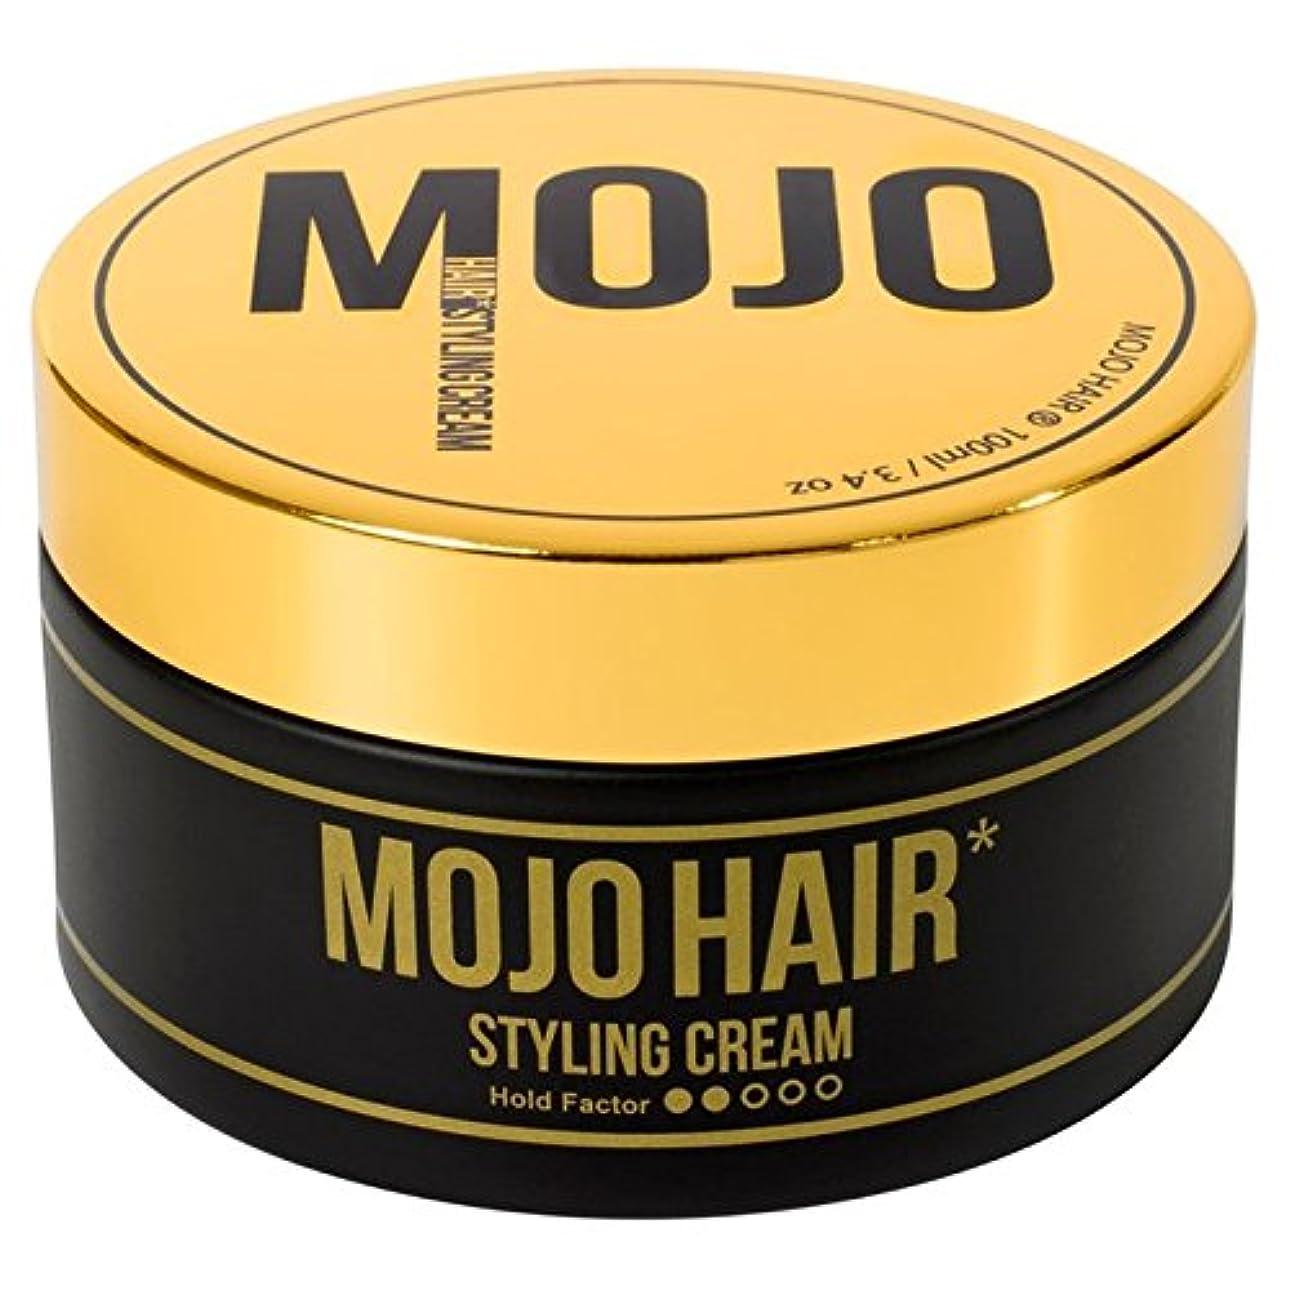 早める累積汚れた100ミリリットル男性のためのモジョのヘアスタイリングクリーム x4 - MOJO HAIR Styling Cream for Men 100ml (Pack of 4) [並行輸入品]